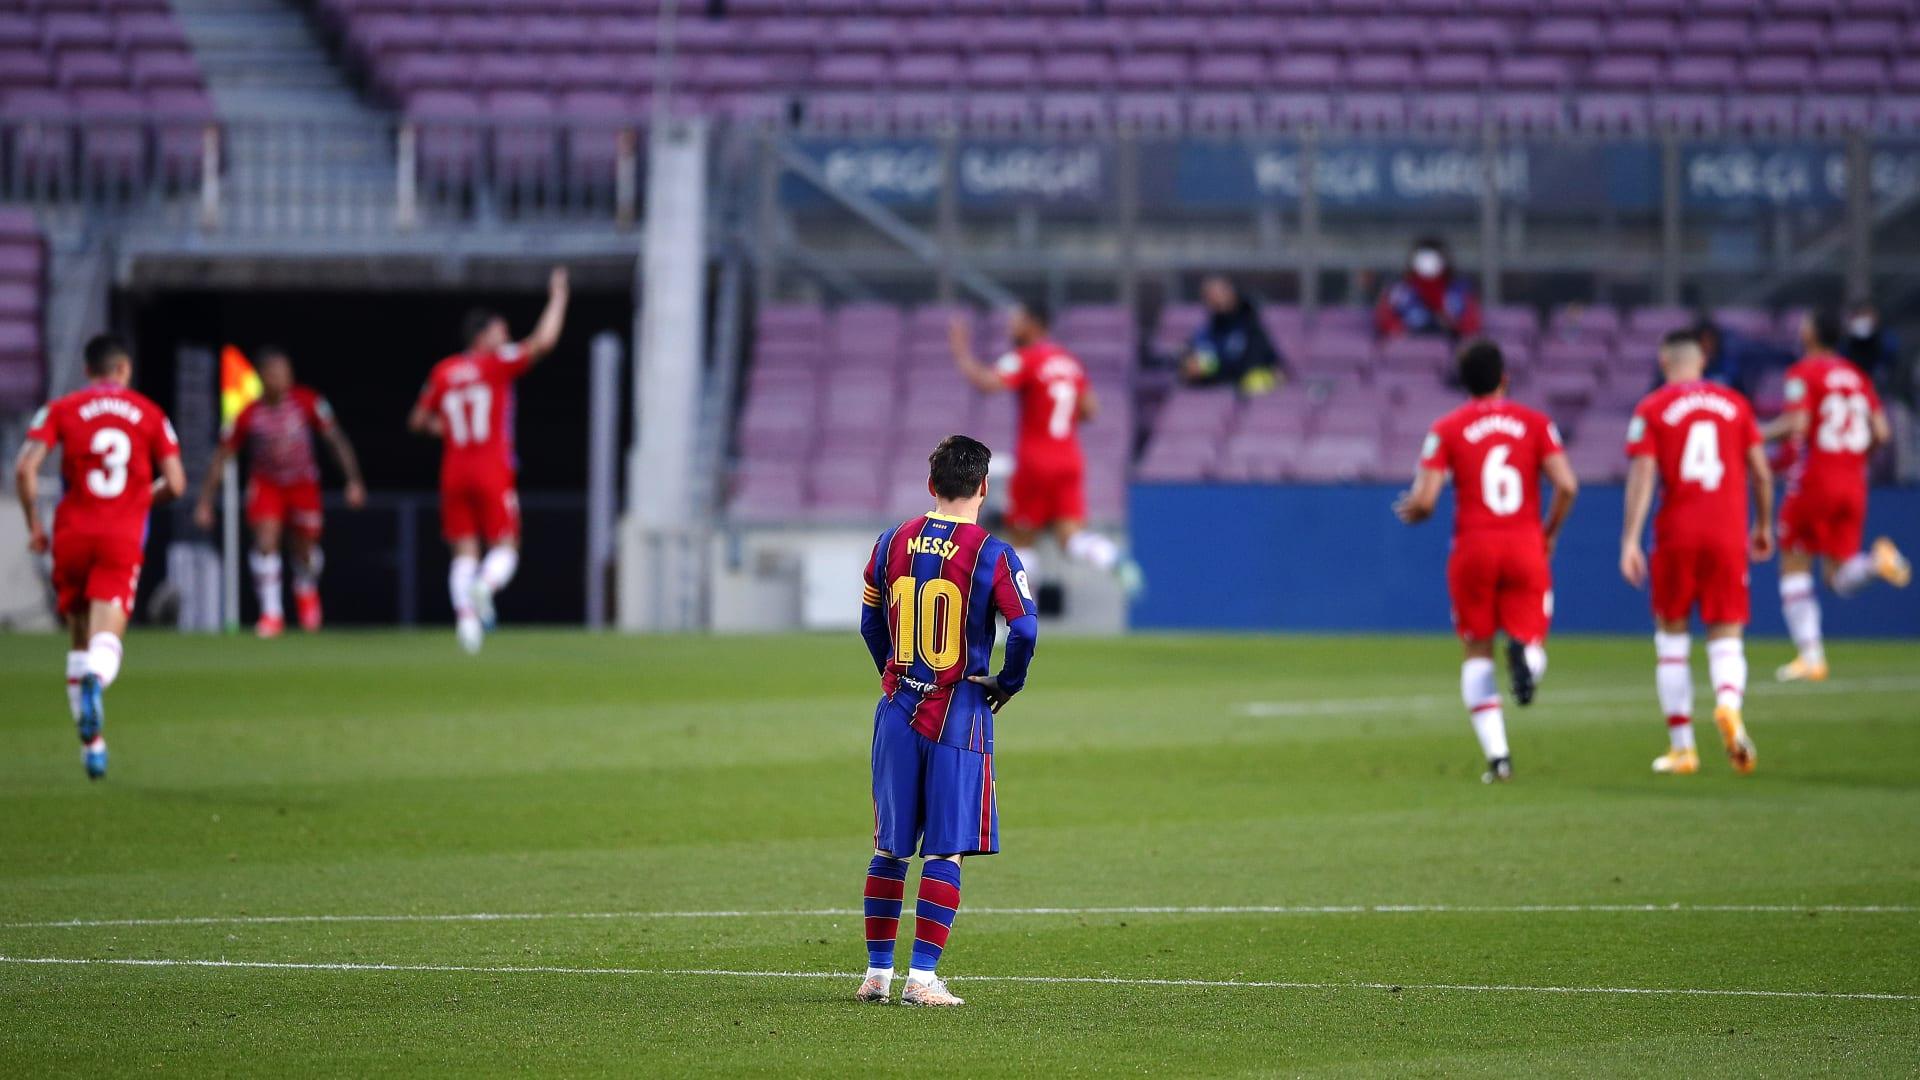 برشلونة يهدر فرصة تصدر الدوري الإسباني بعد هزيمة مباغتة من غرناطة